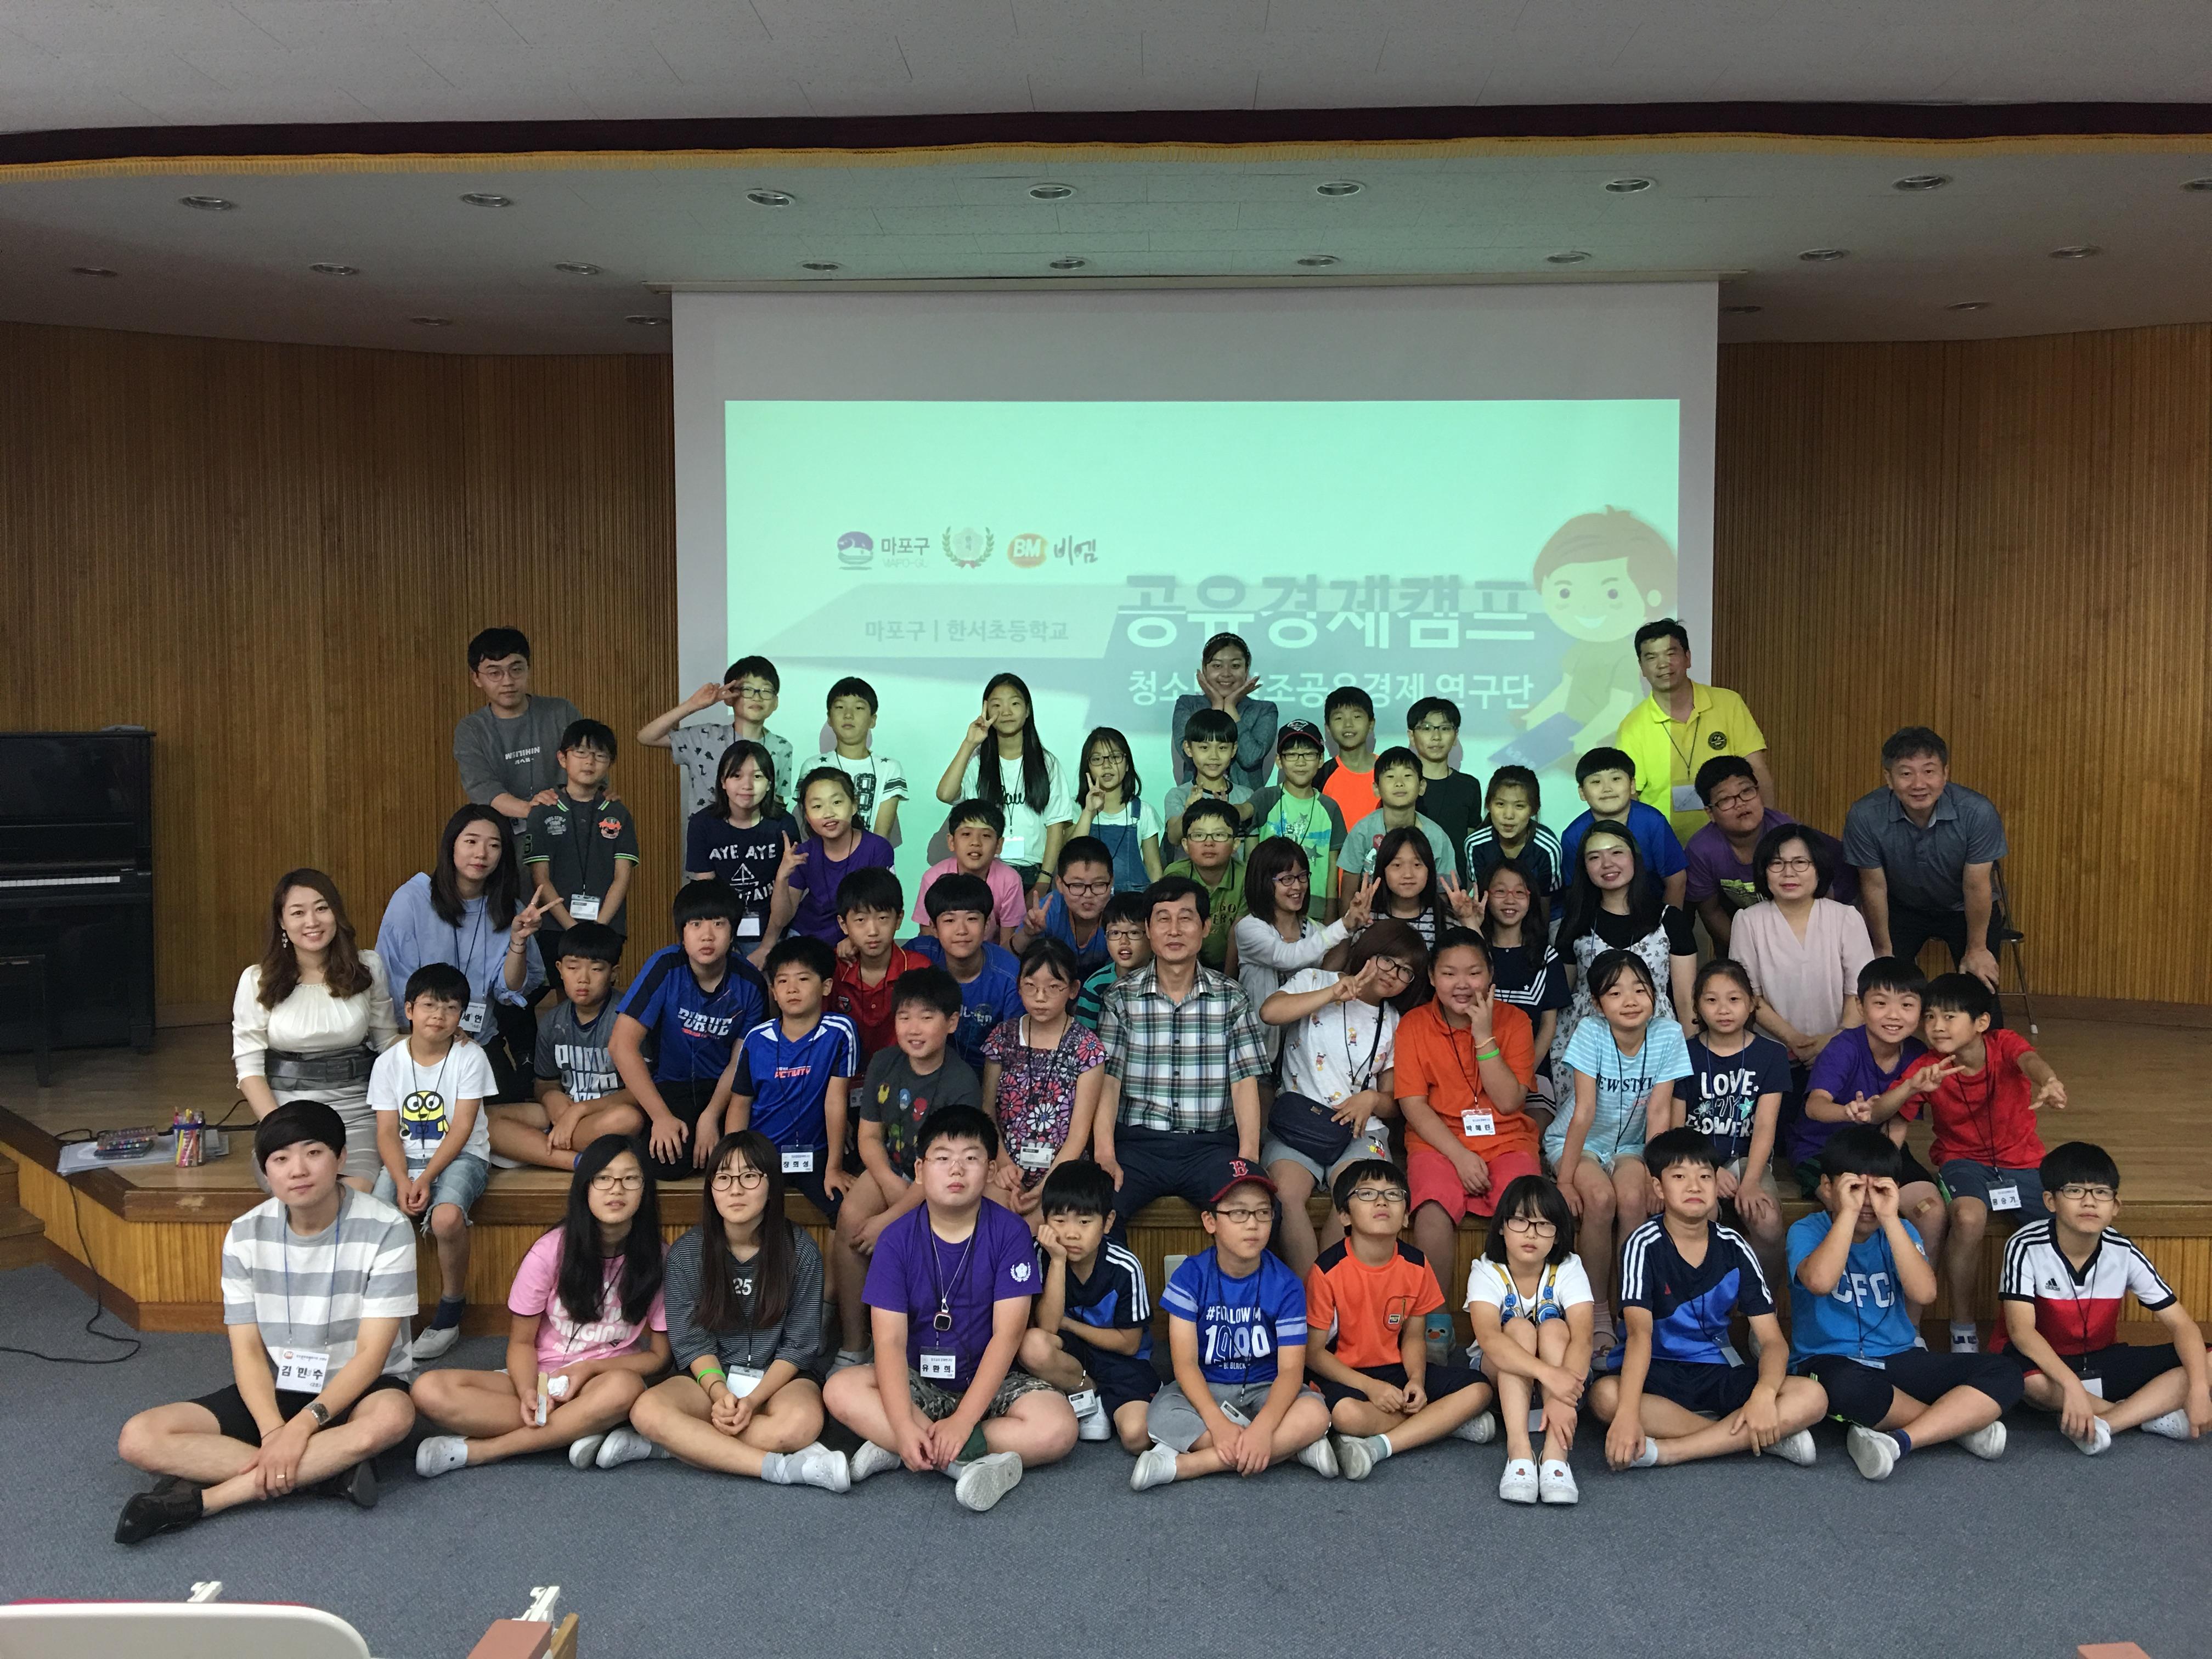 3기 한서초등학교 창조공유경제연구단, 폐막식